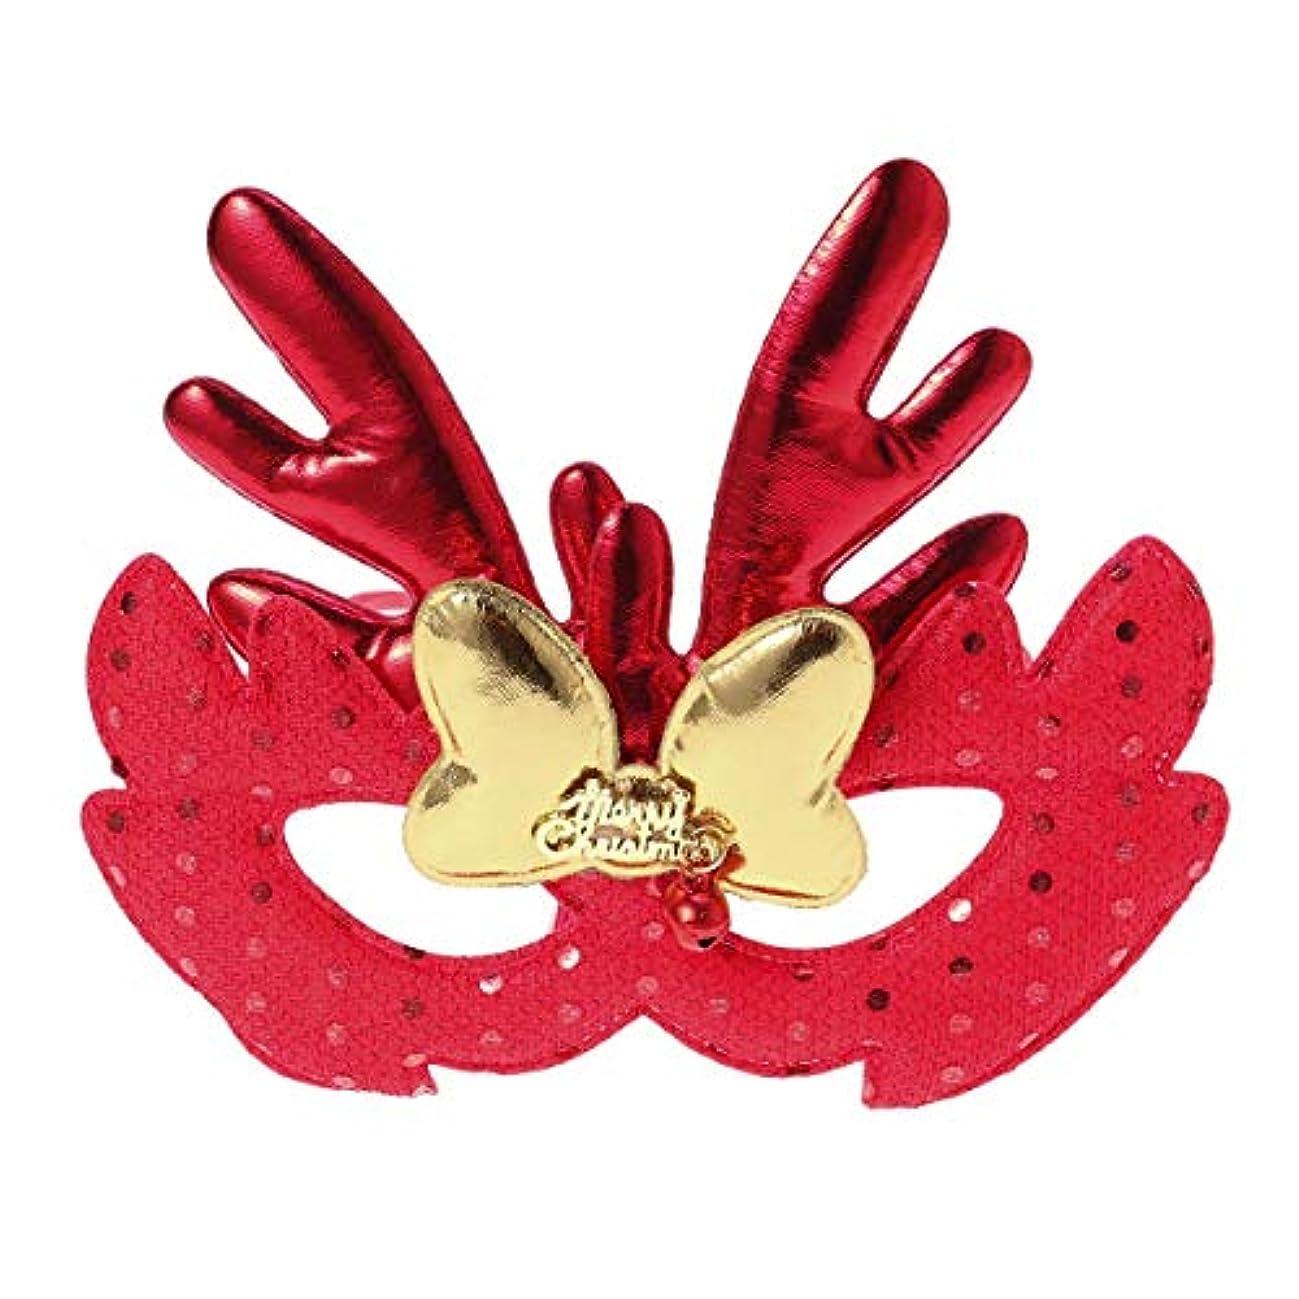 手伝うツーリスト虫を数えるBESTOYARD エルククリスマスコスチュームマスククロスマスクキッズアダルトコスプレクリスマスパーティー(レッド)